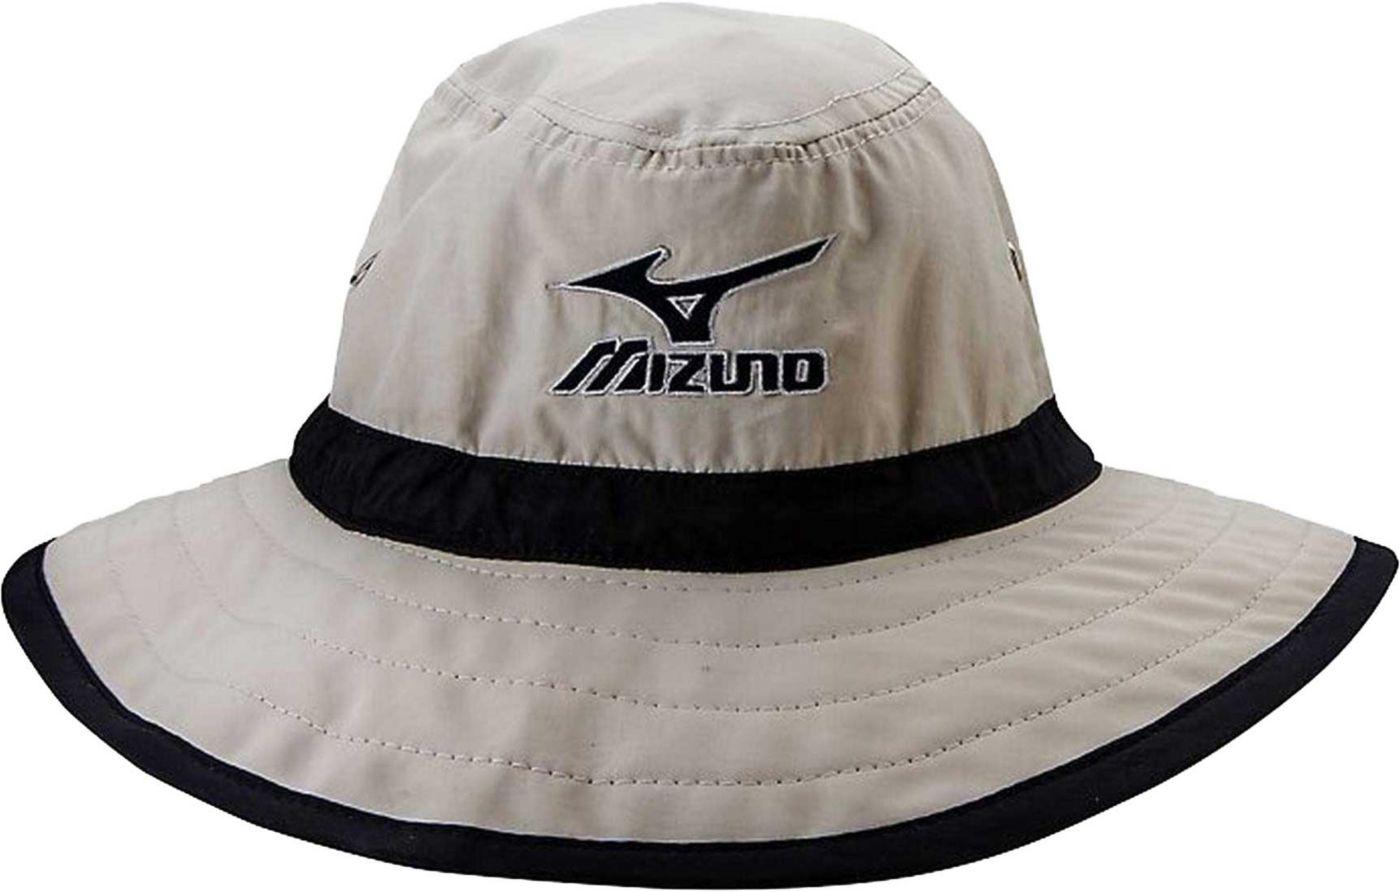 Mizuno Men's Large Brim Sun Golf Hat